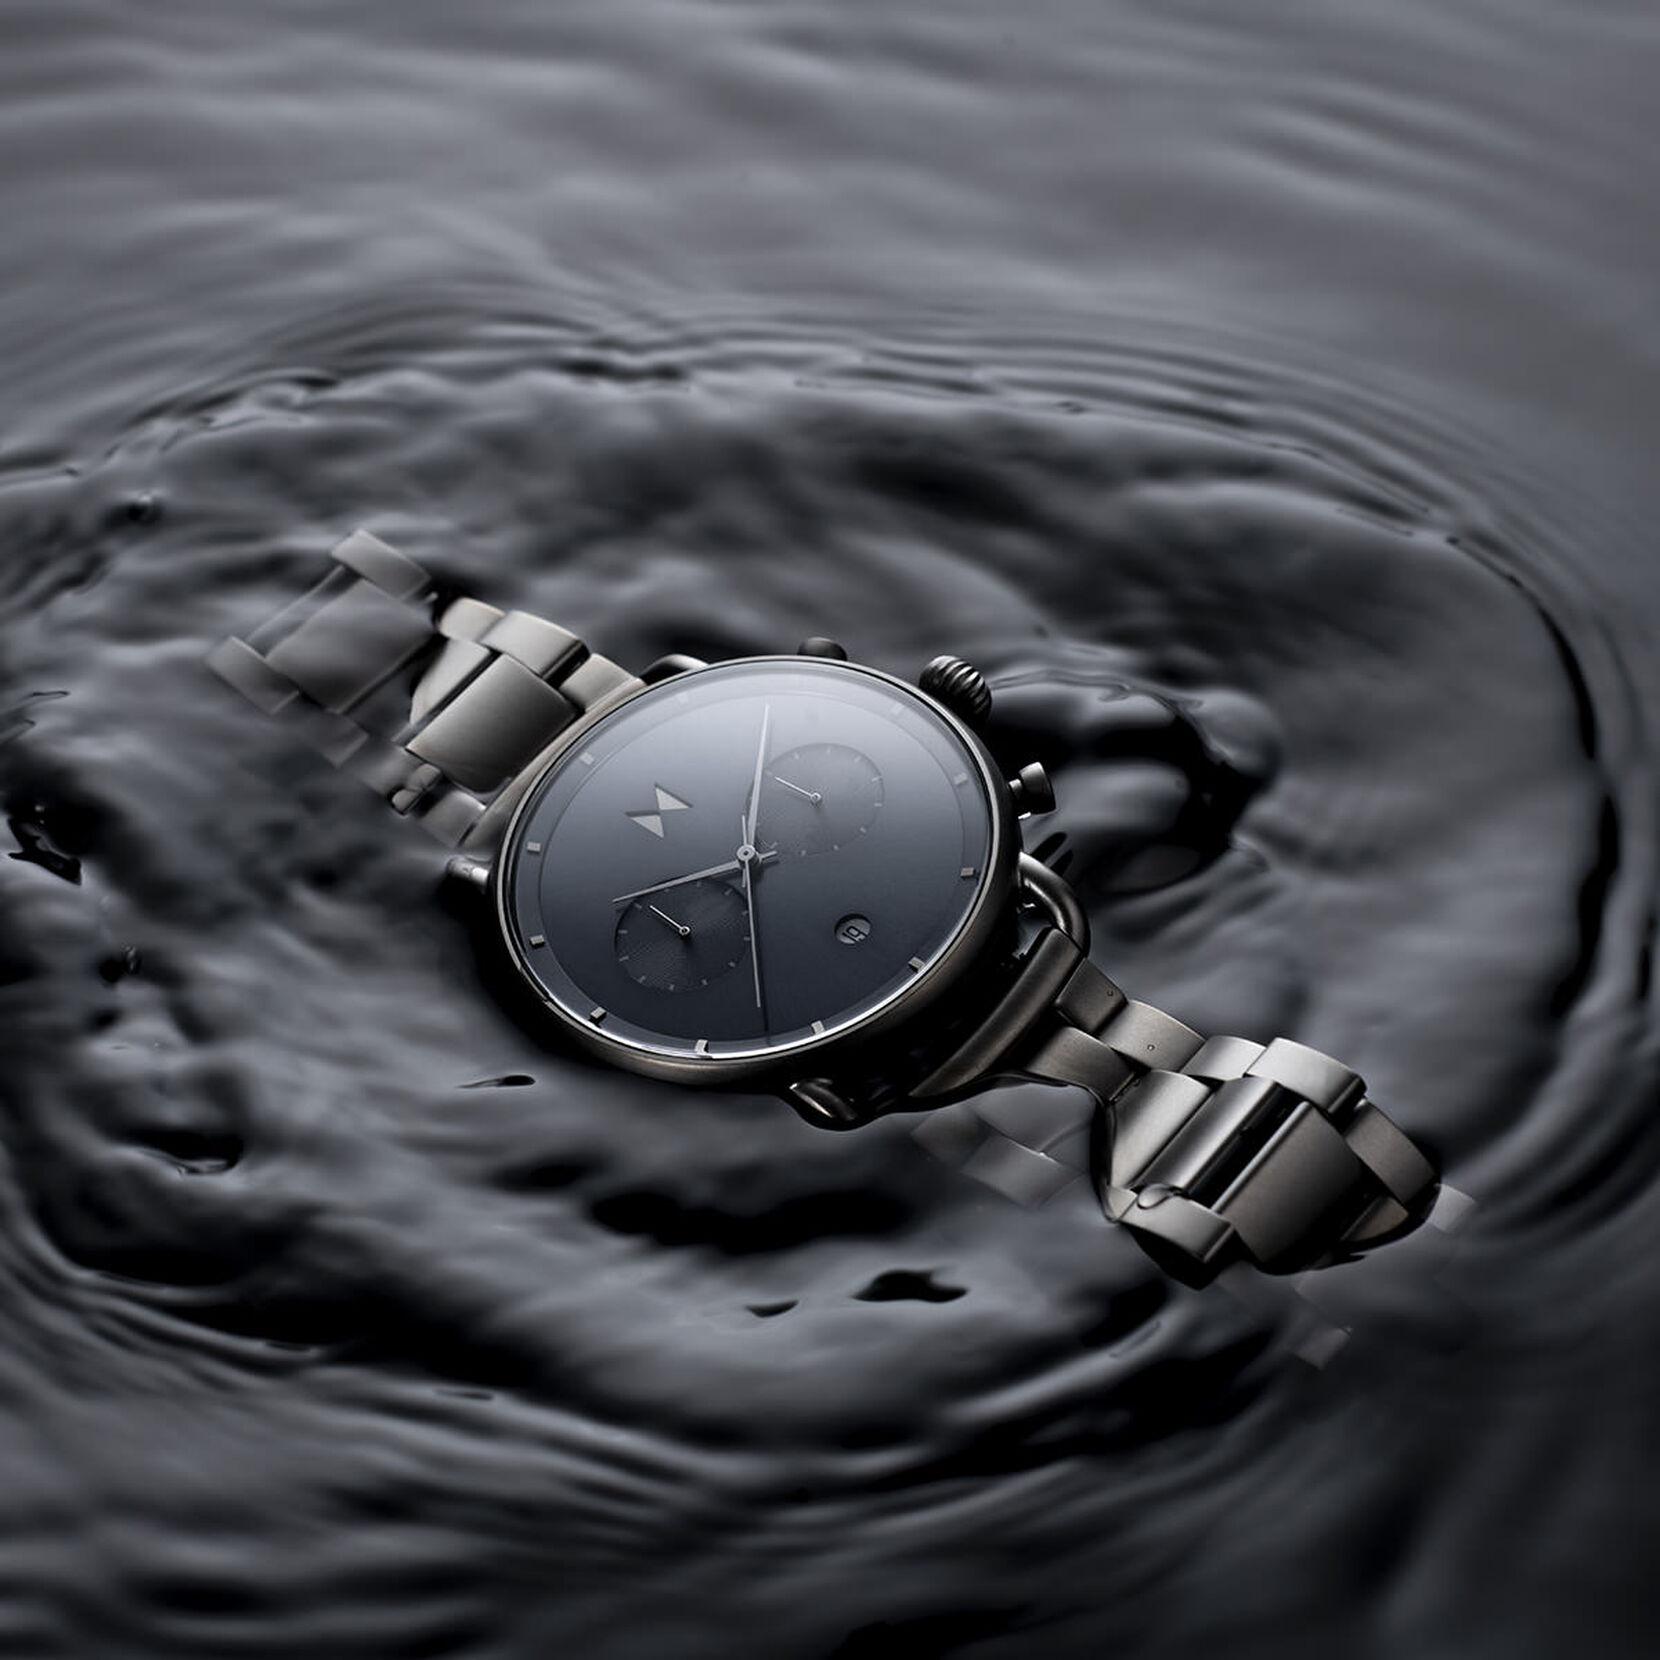 Blacktop International Waters